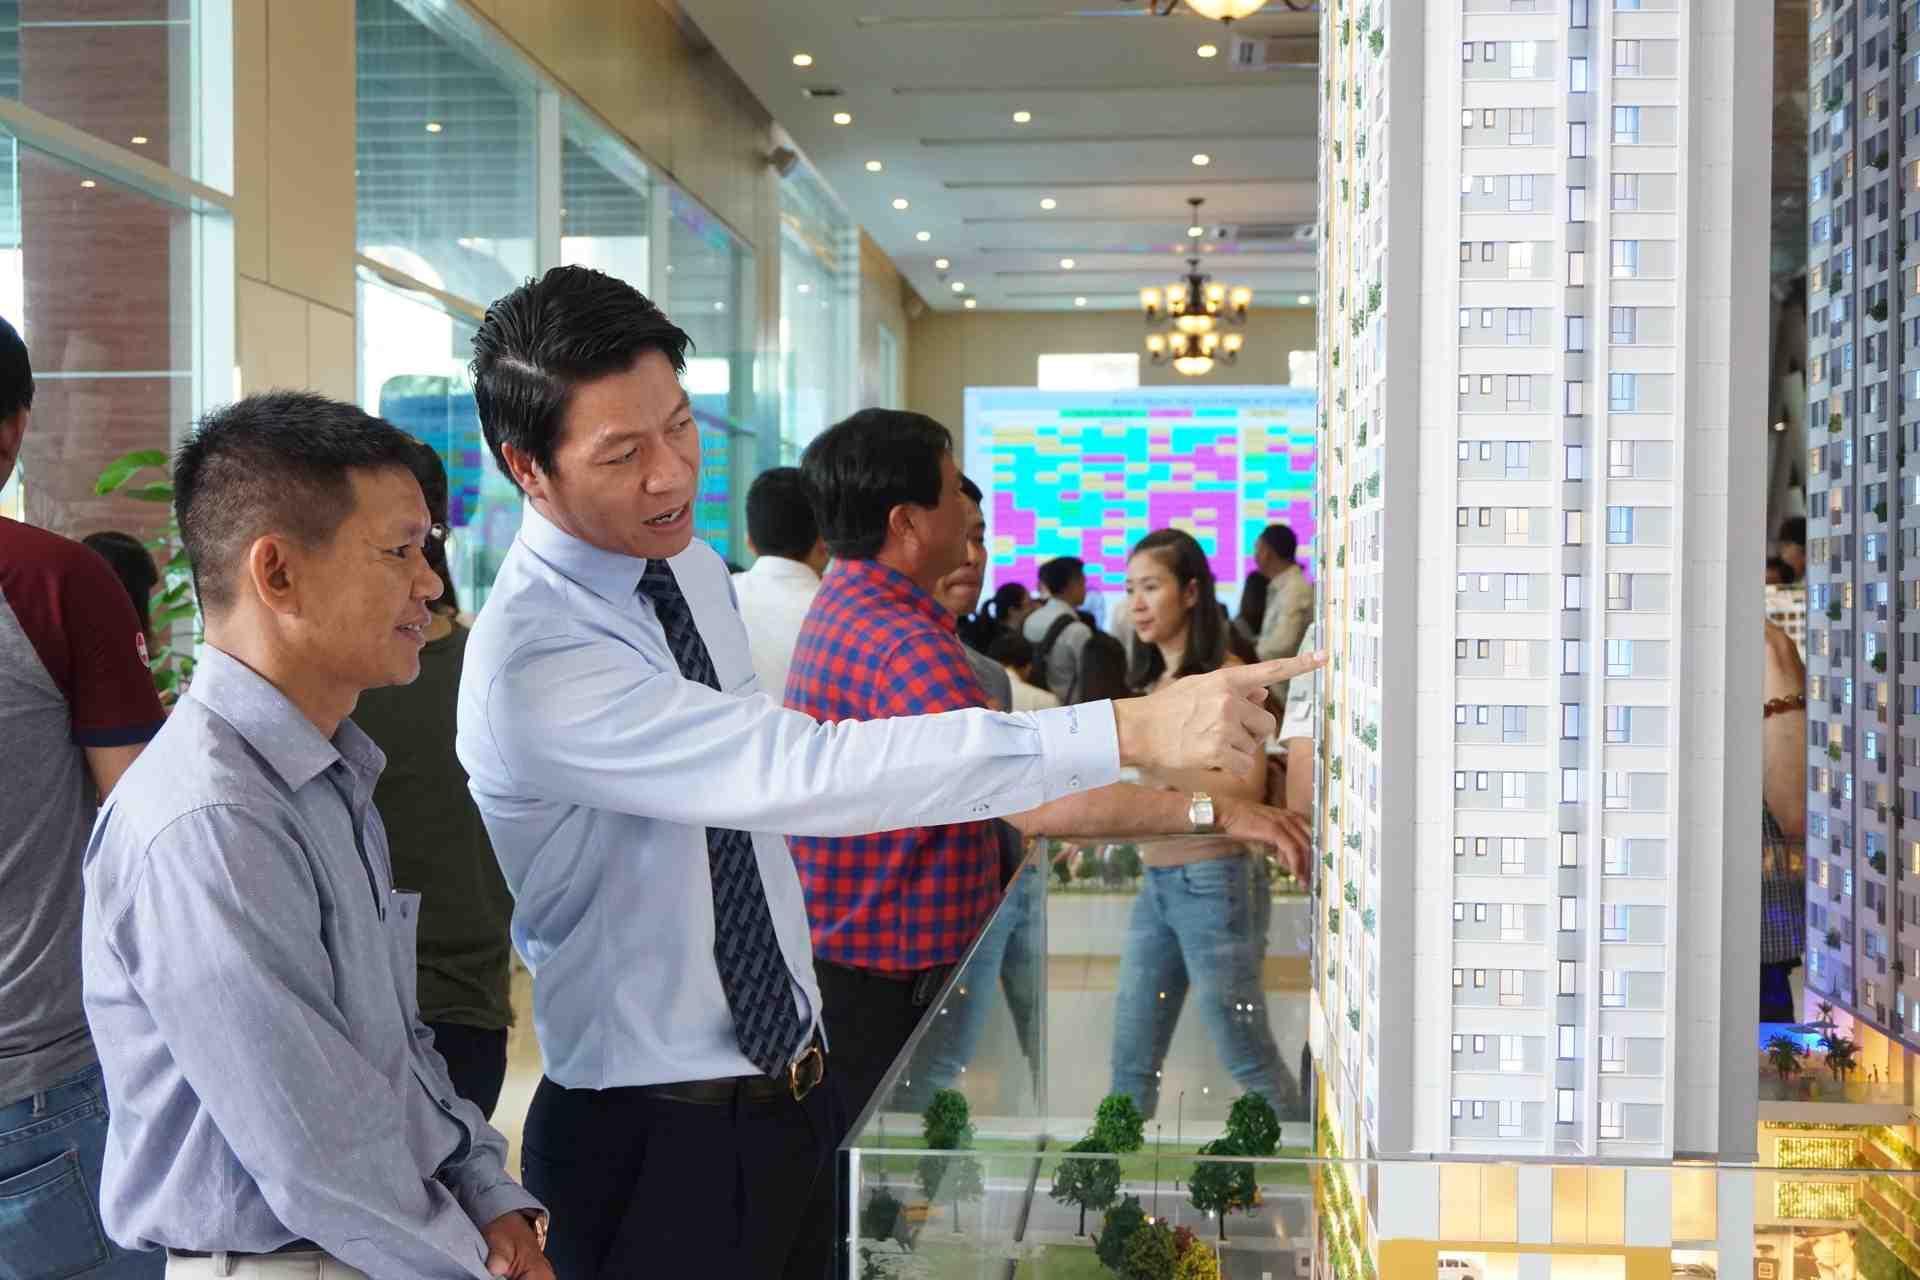 Ông Ngô Quang Phúc - CEO Phú Đông Group đang tư vấn cho khách hàng về Phú Đông Premier giai đoạn 1 và tương lai Phú Đông Sky Garden